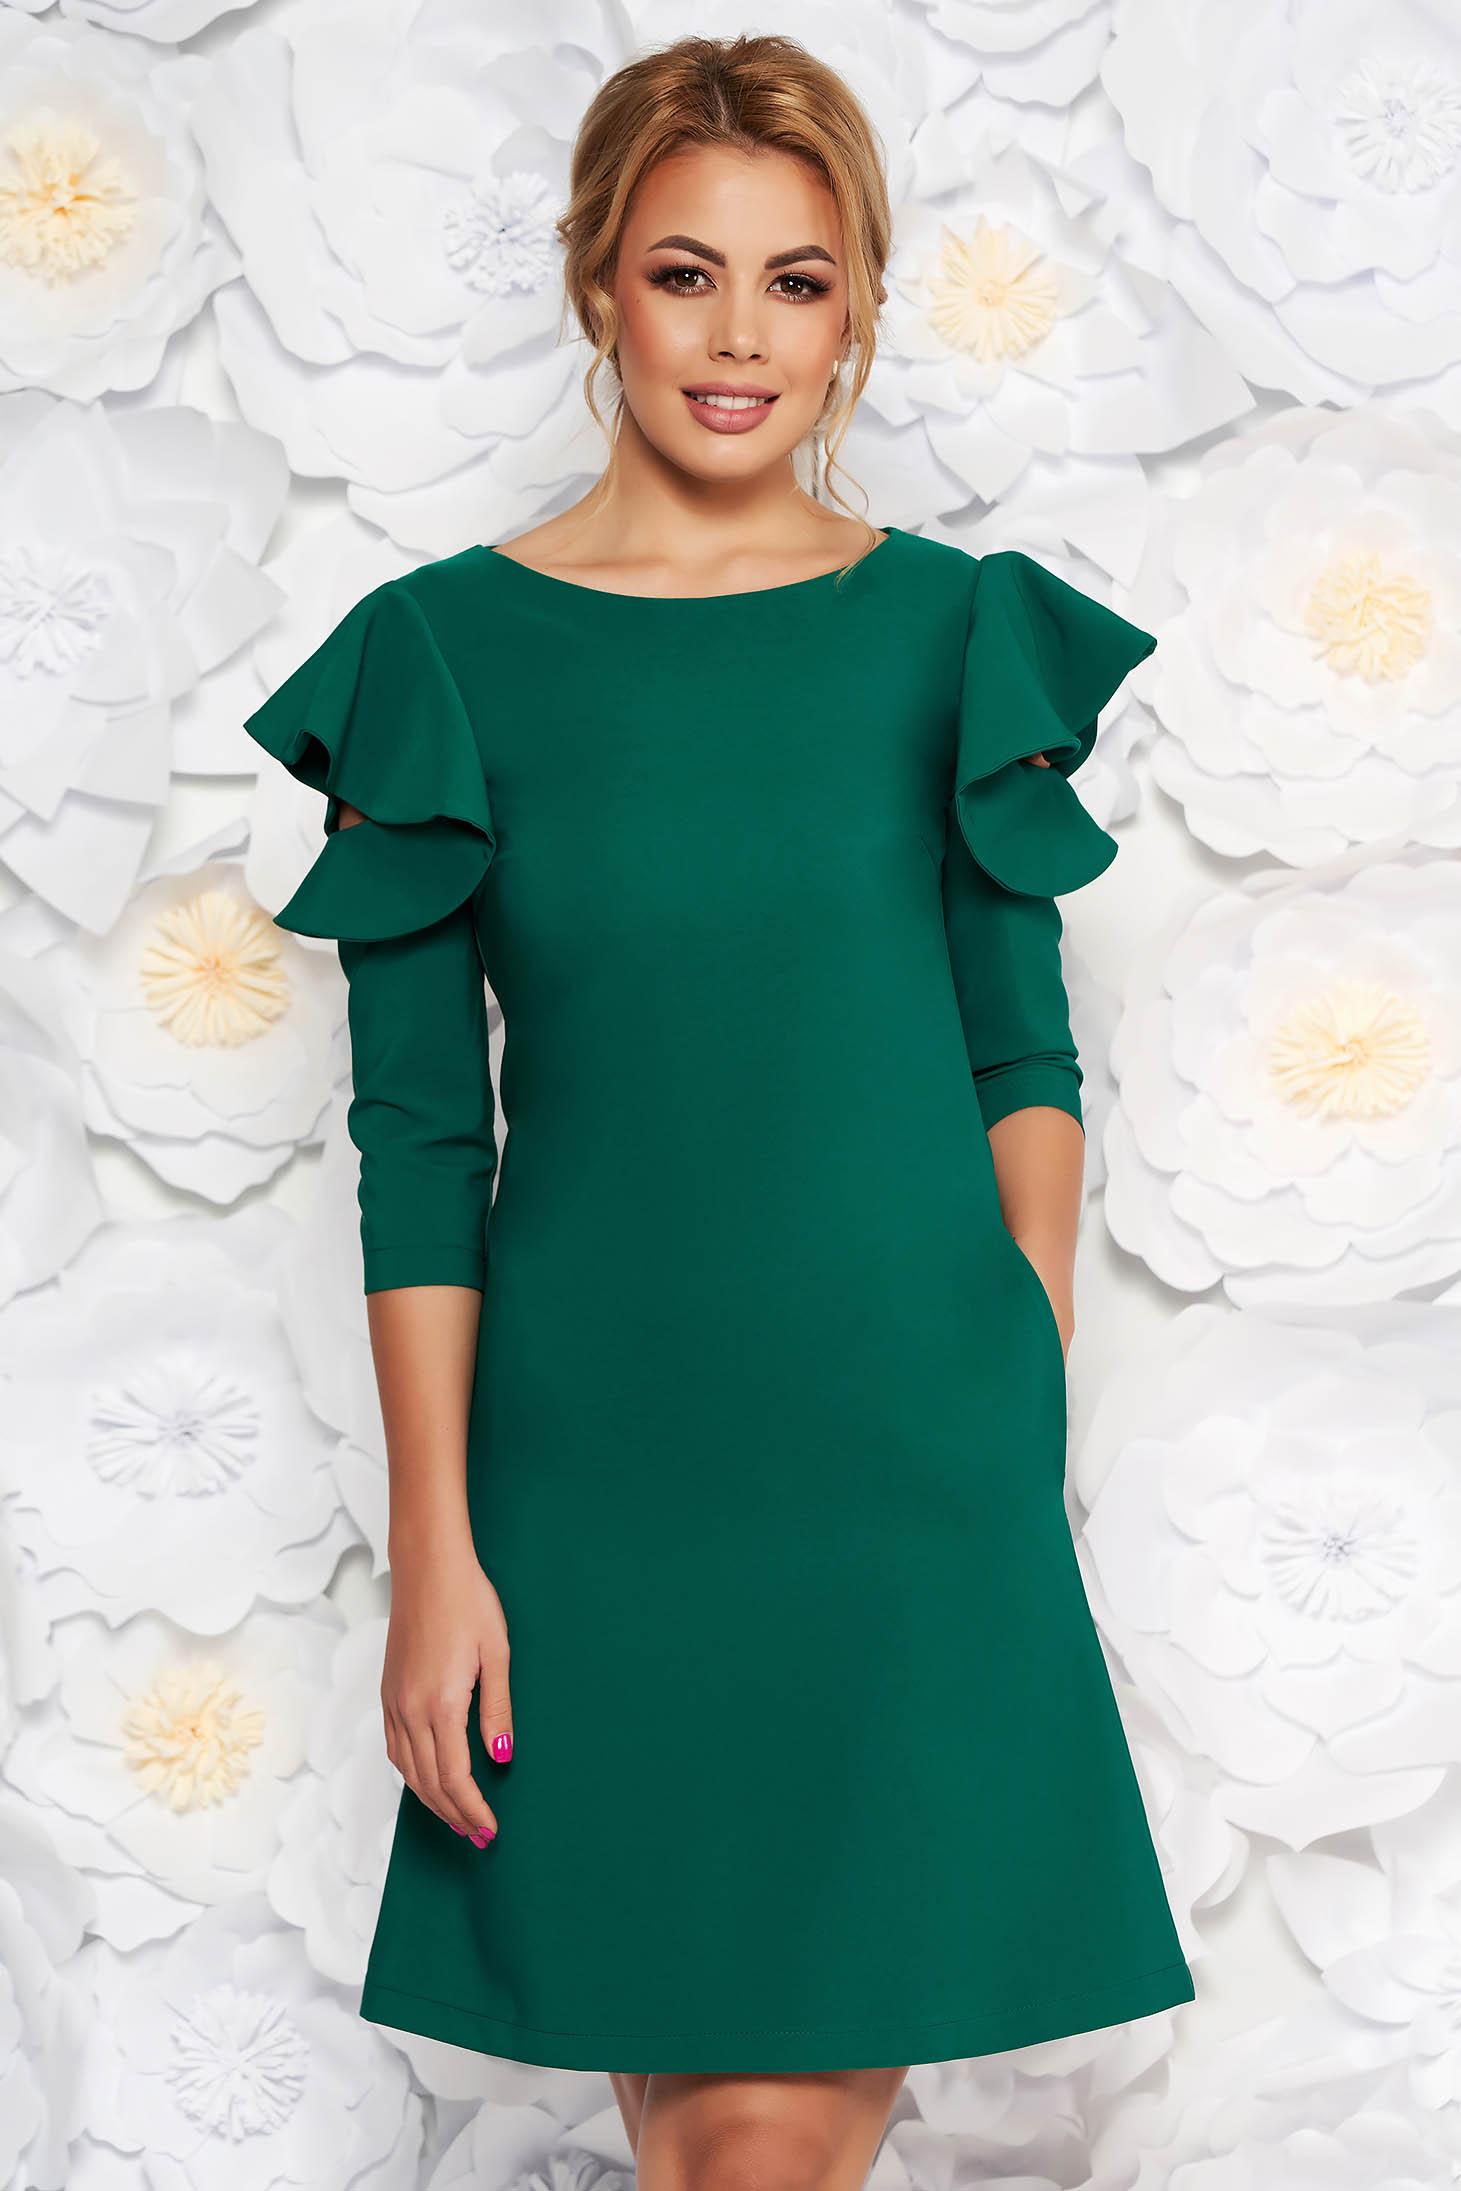 Rochie LaDonna verde-deschis de zi cu croi in A din stofa usor elastica cu volanase la maneca